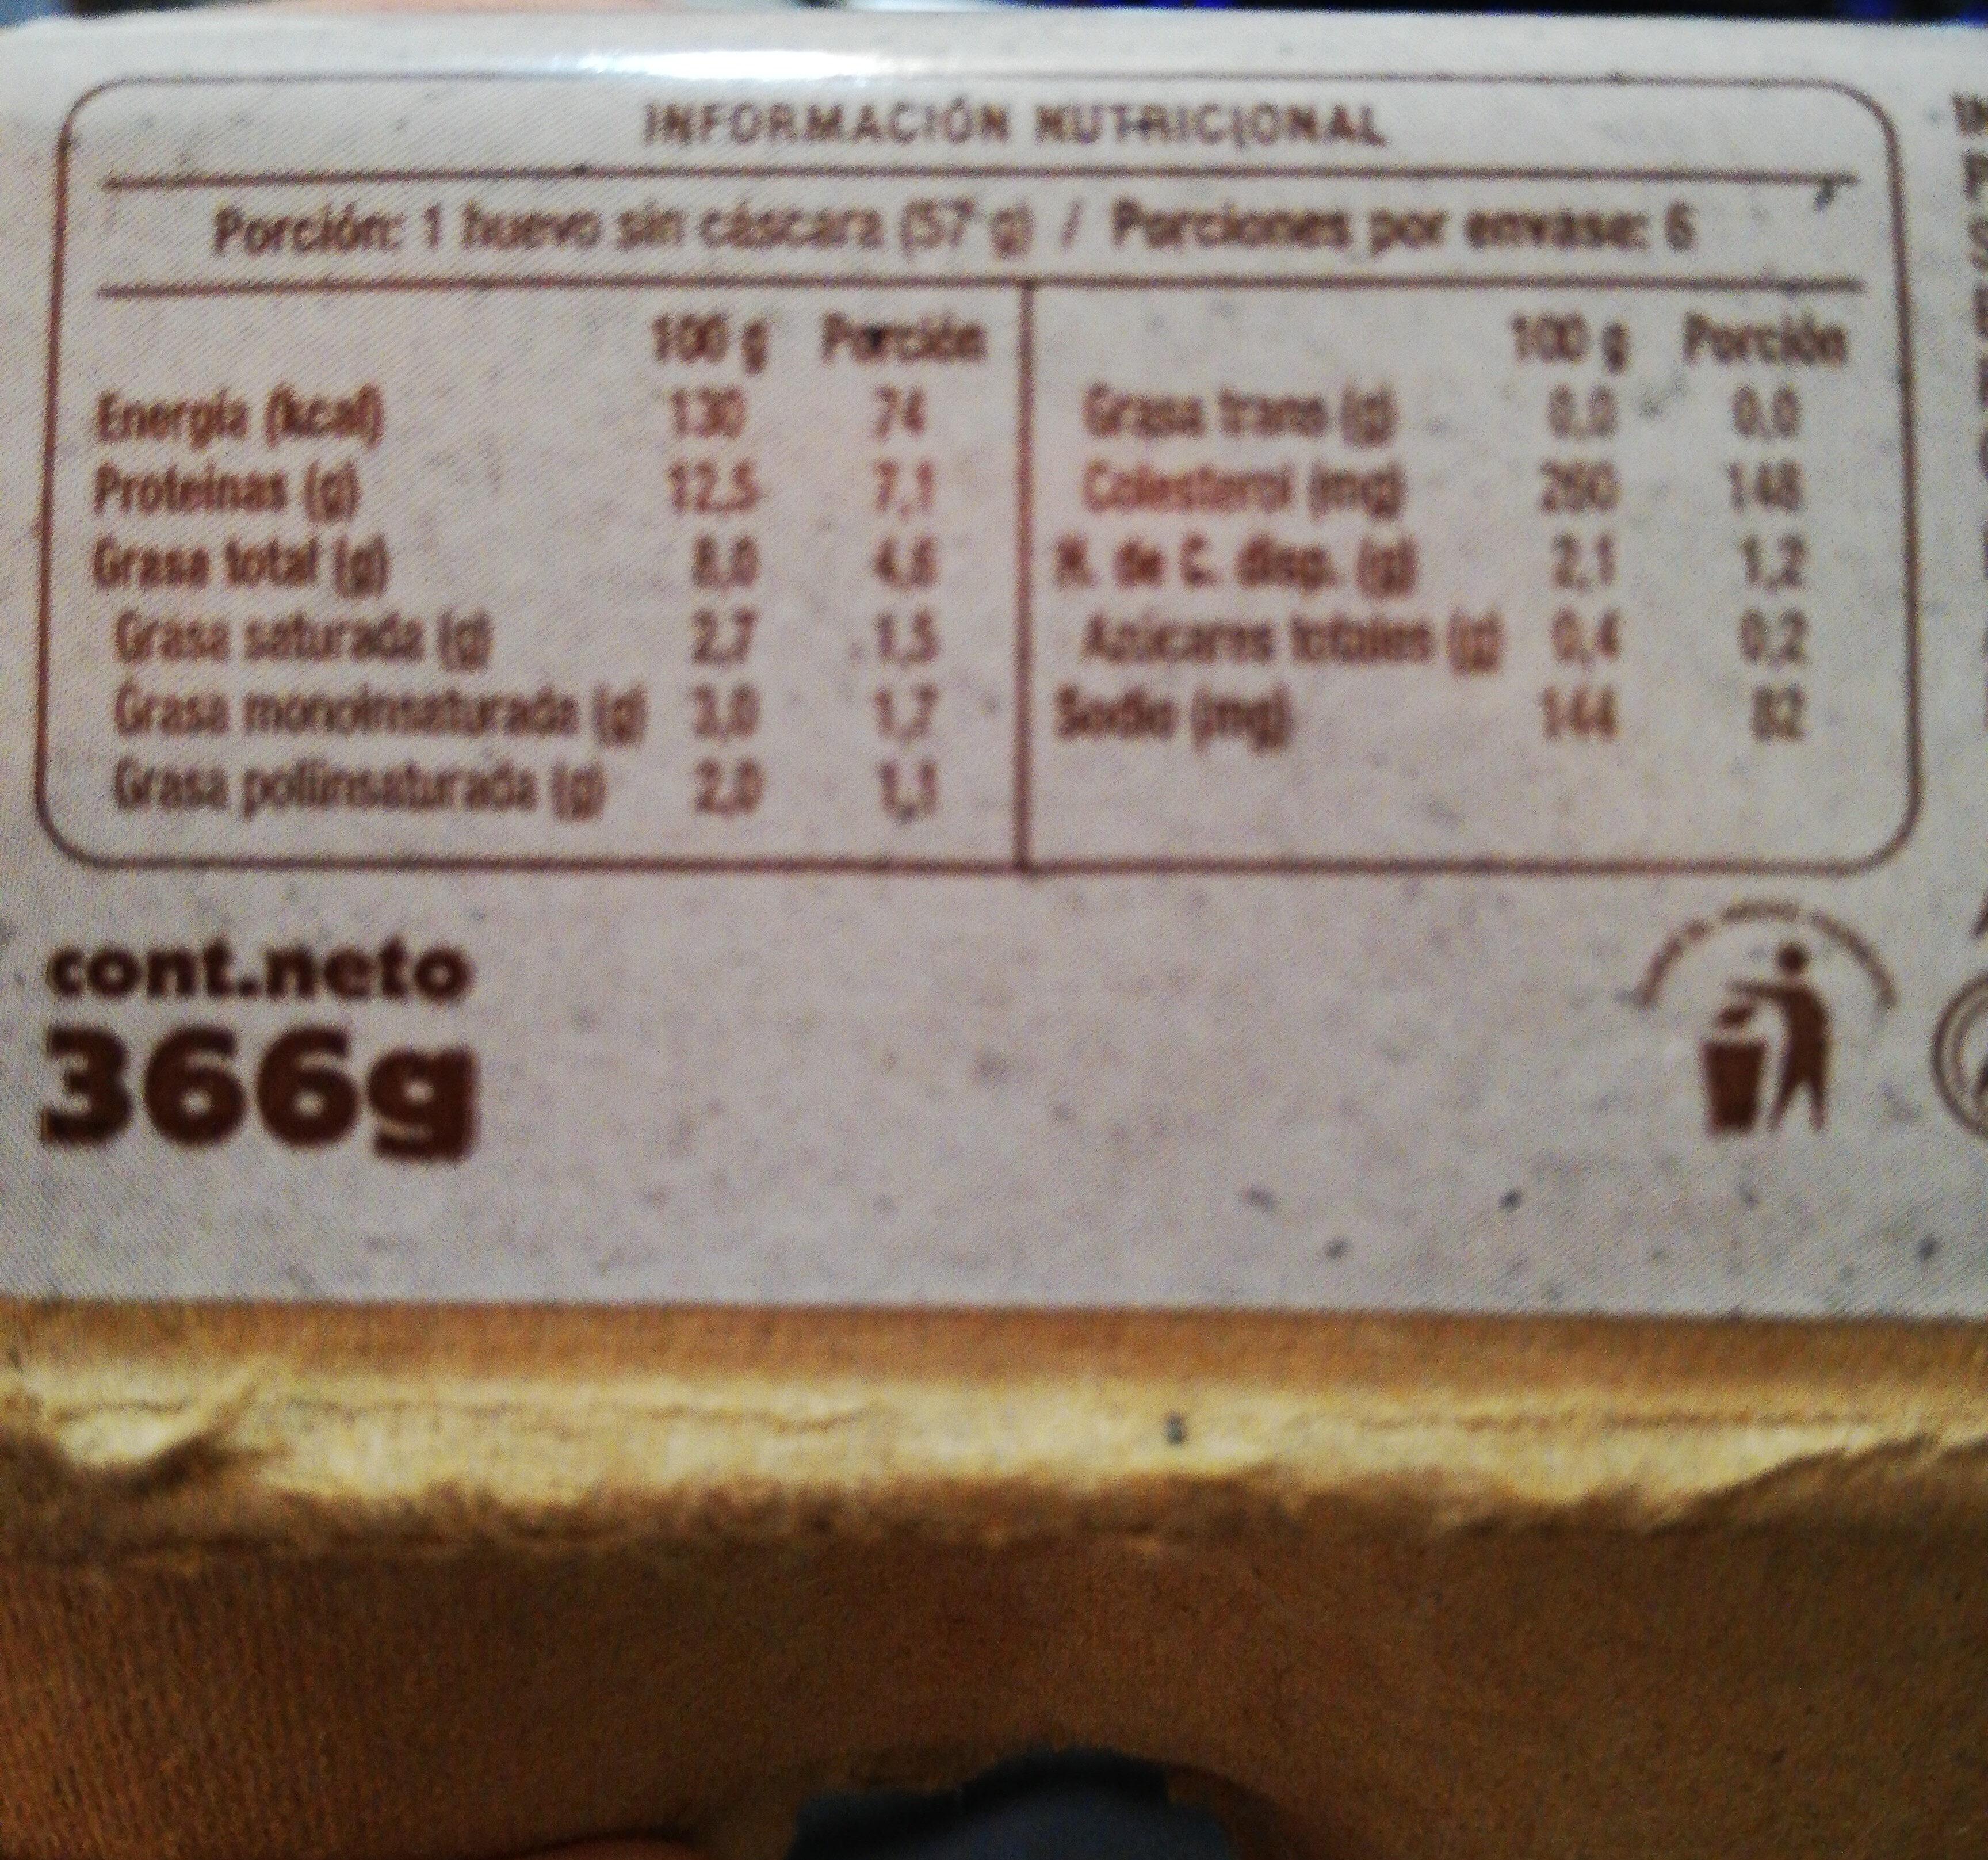 Huevos de gallinas libres! - Nutrition facts - es